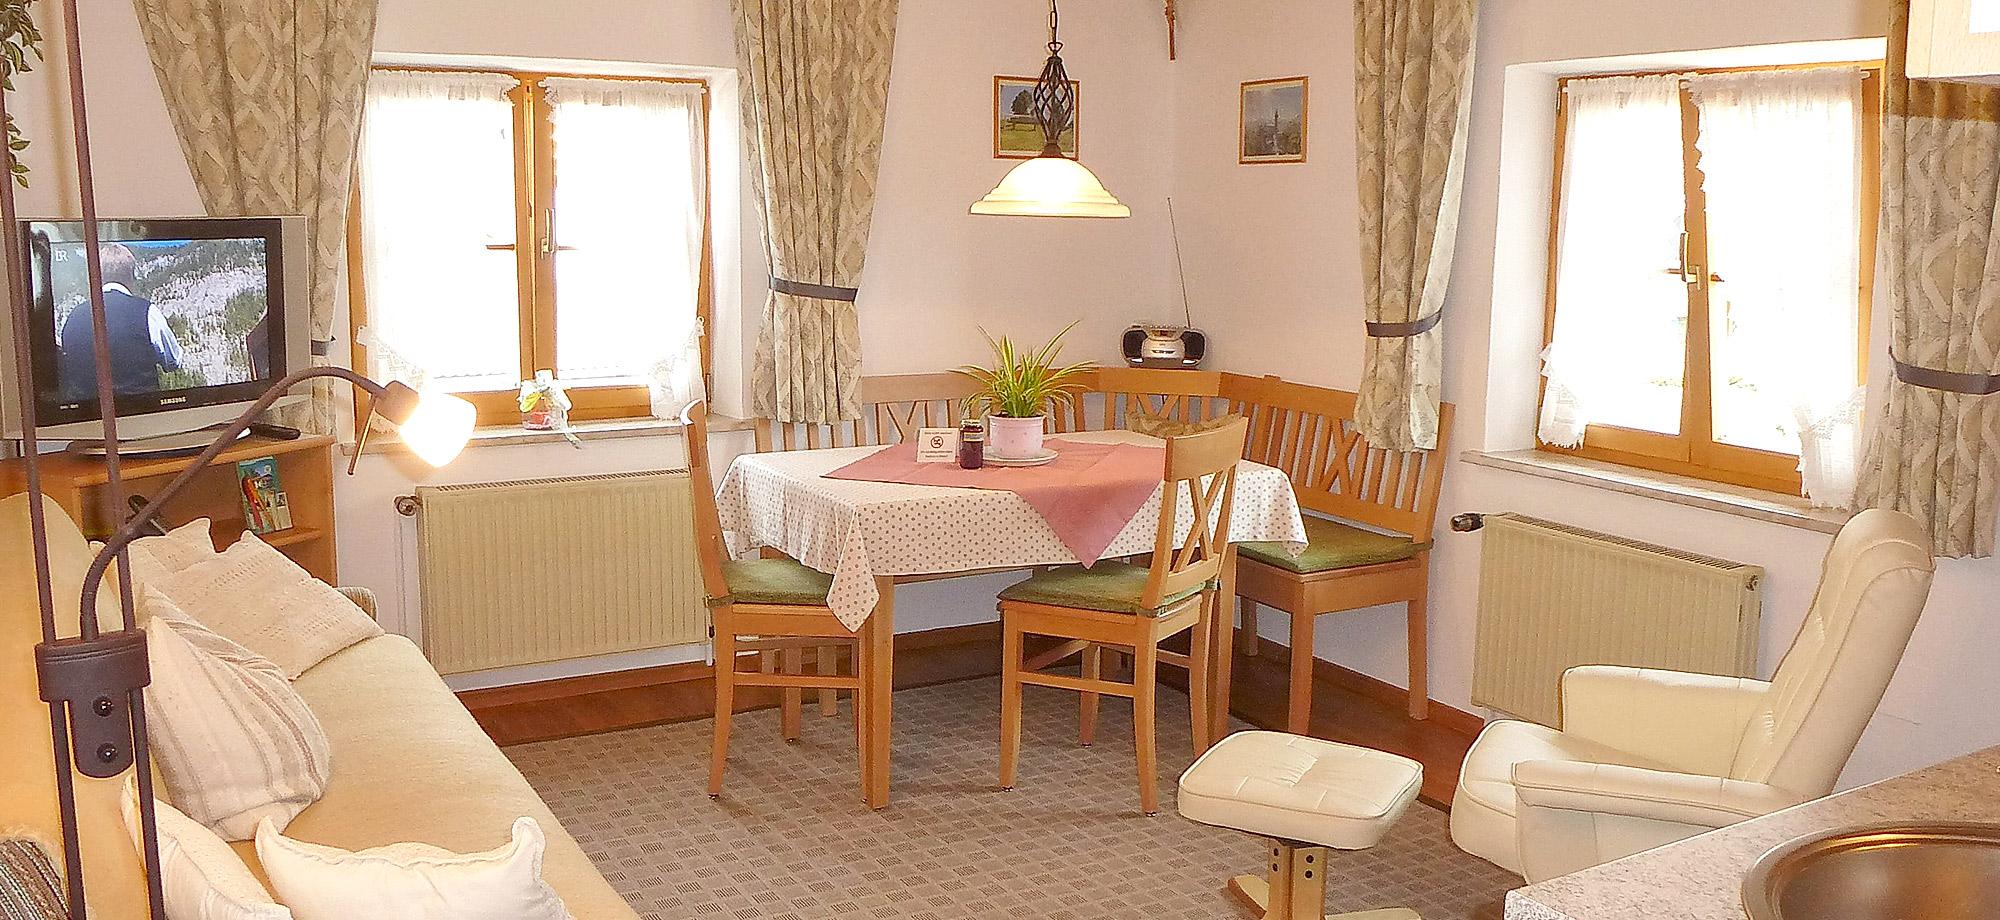 Die Gemutliche Wohnkuche Der Ferienwohnung Schwalbe Im Haus Schuster